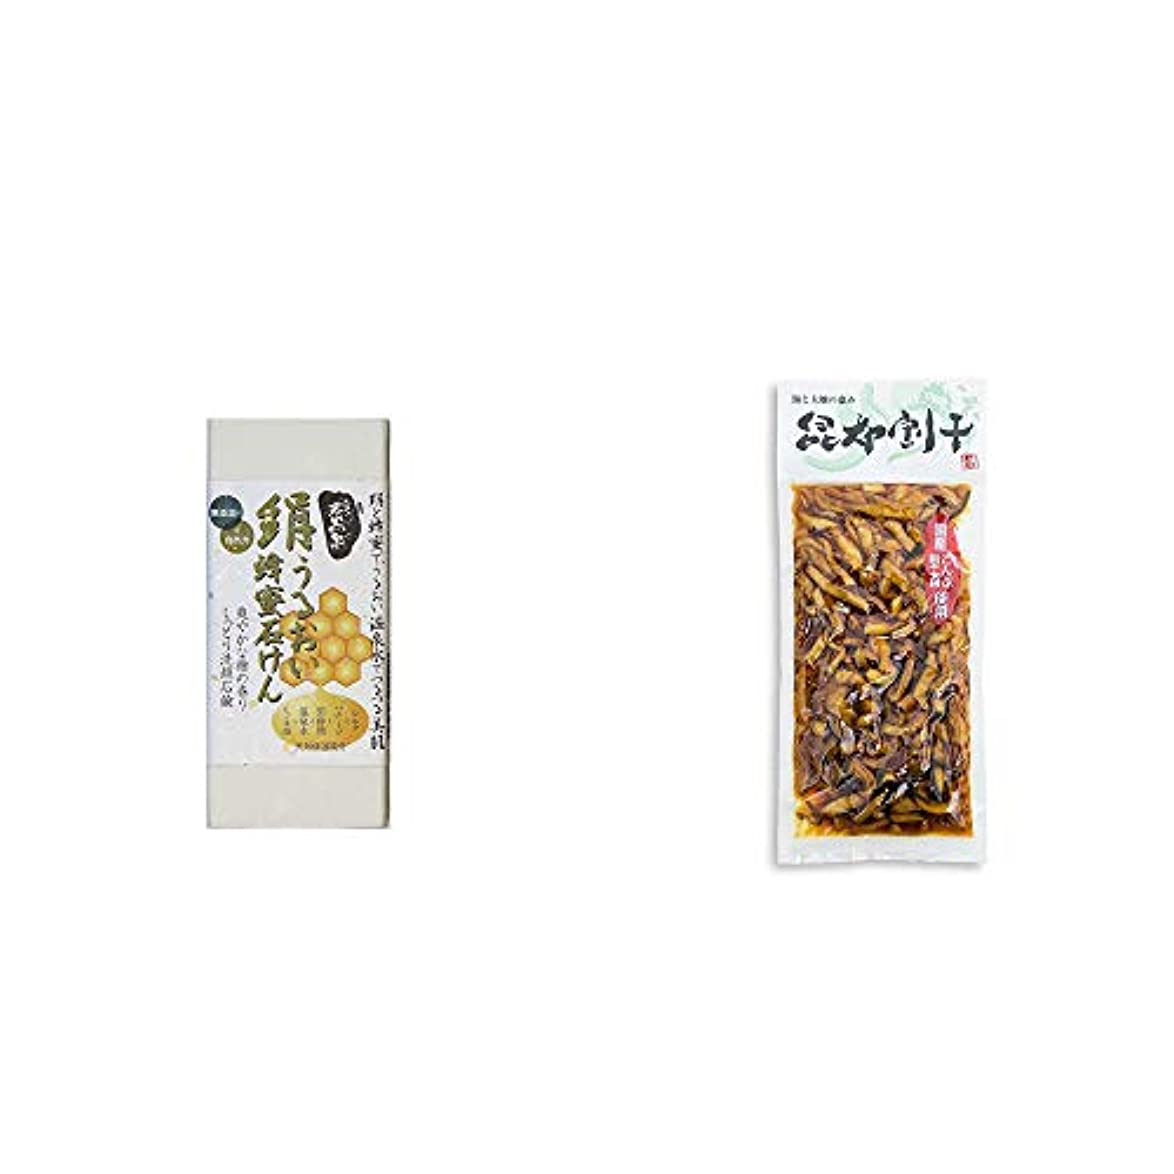 ポルティコ震えるのど[2点セット] ひのき炭黒泉 絹うるおい蜂蜜石けん(75g×2)?海と大地の恵み 昆布割干(250g)